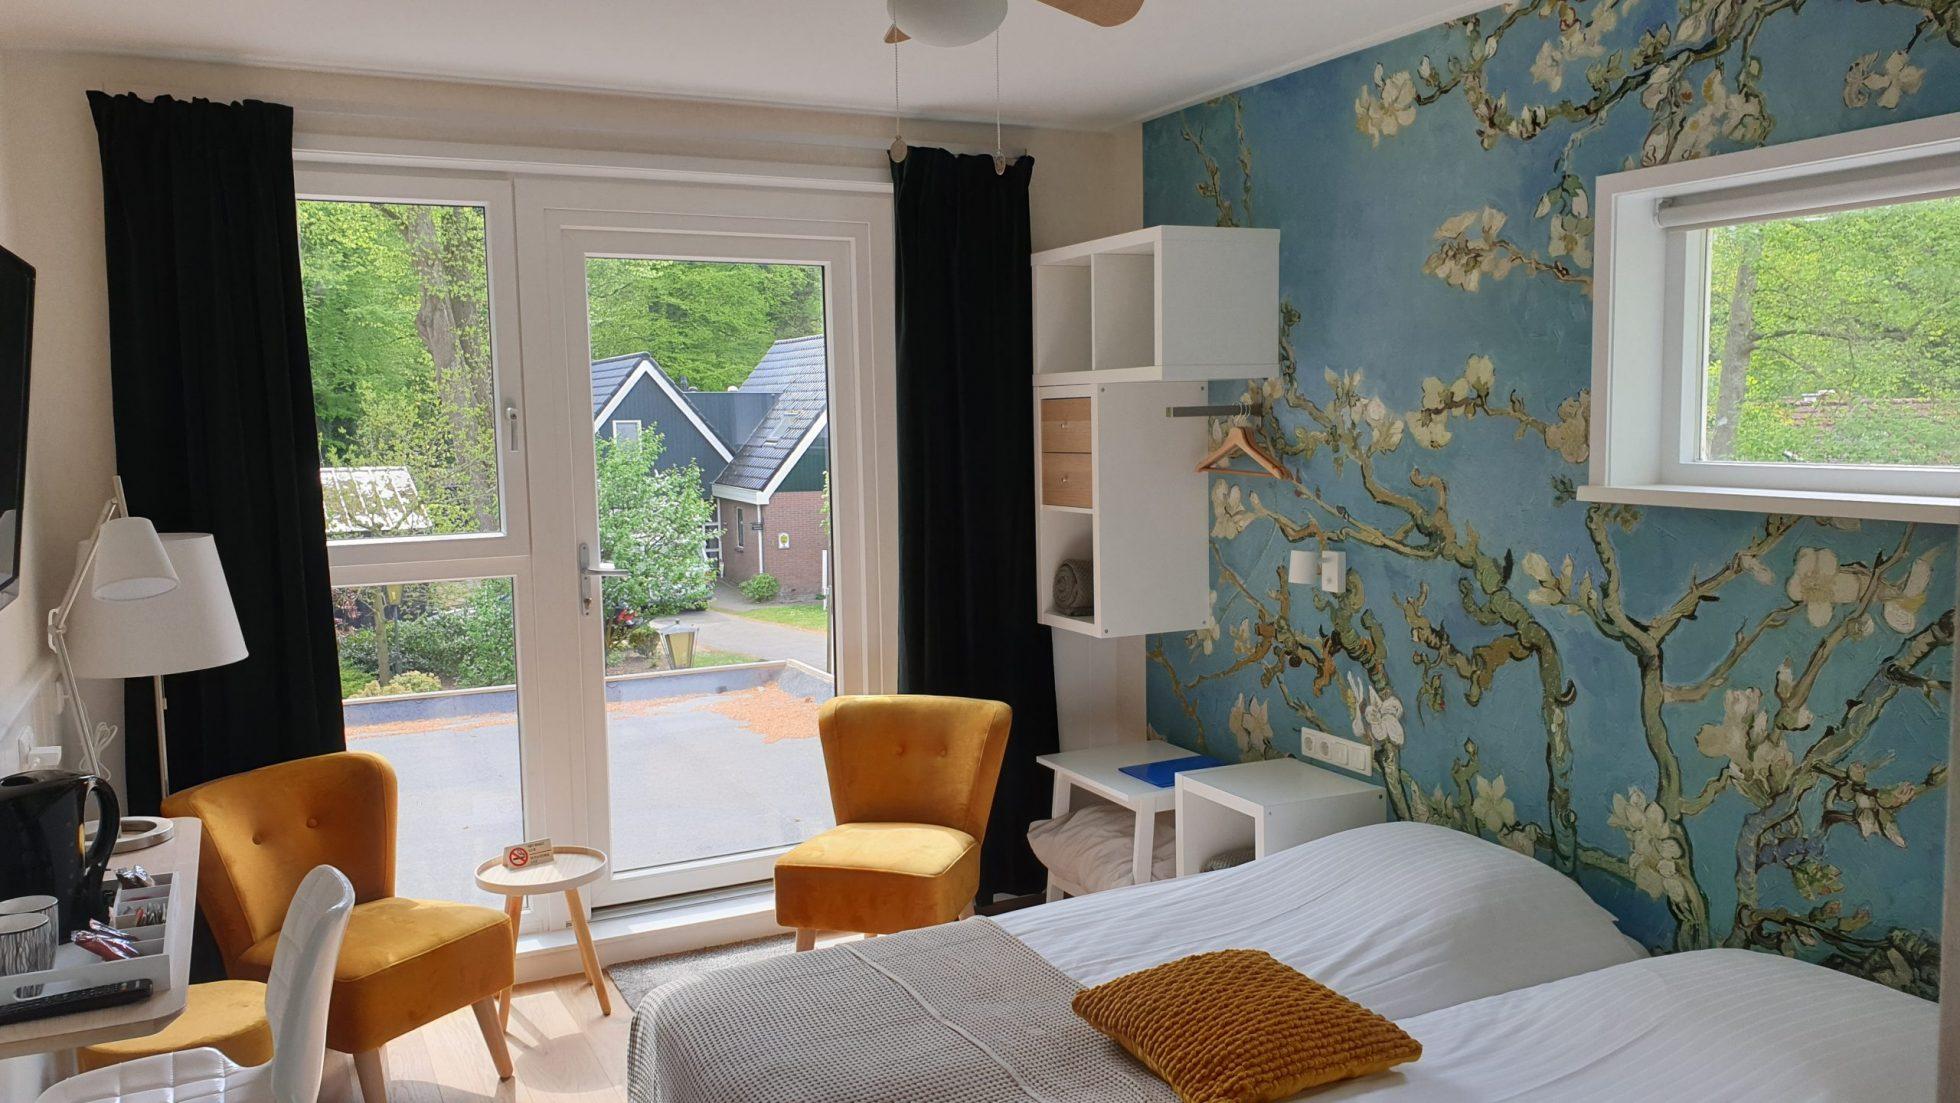 Hotel Jans Rijs Ontwerpburo Wietze Dijkstra